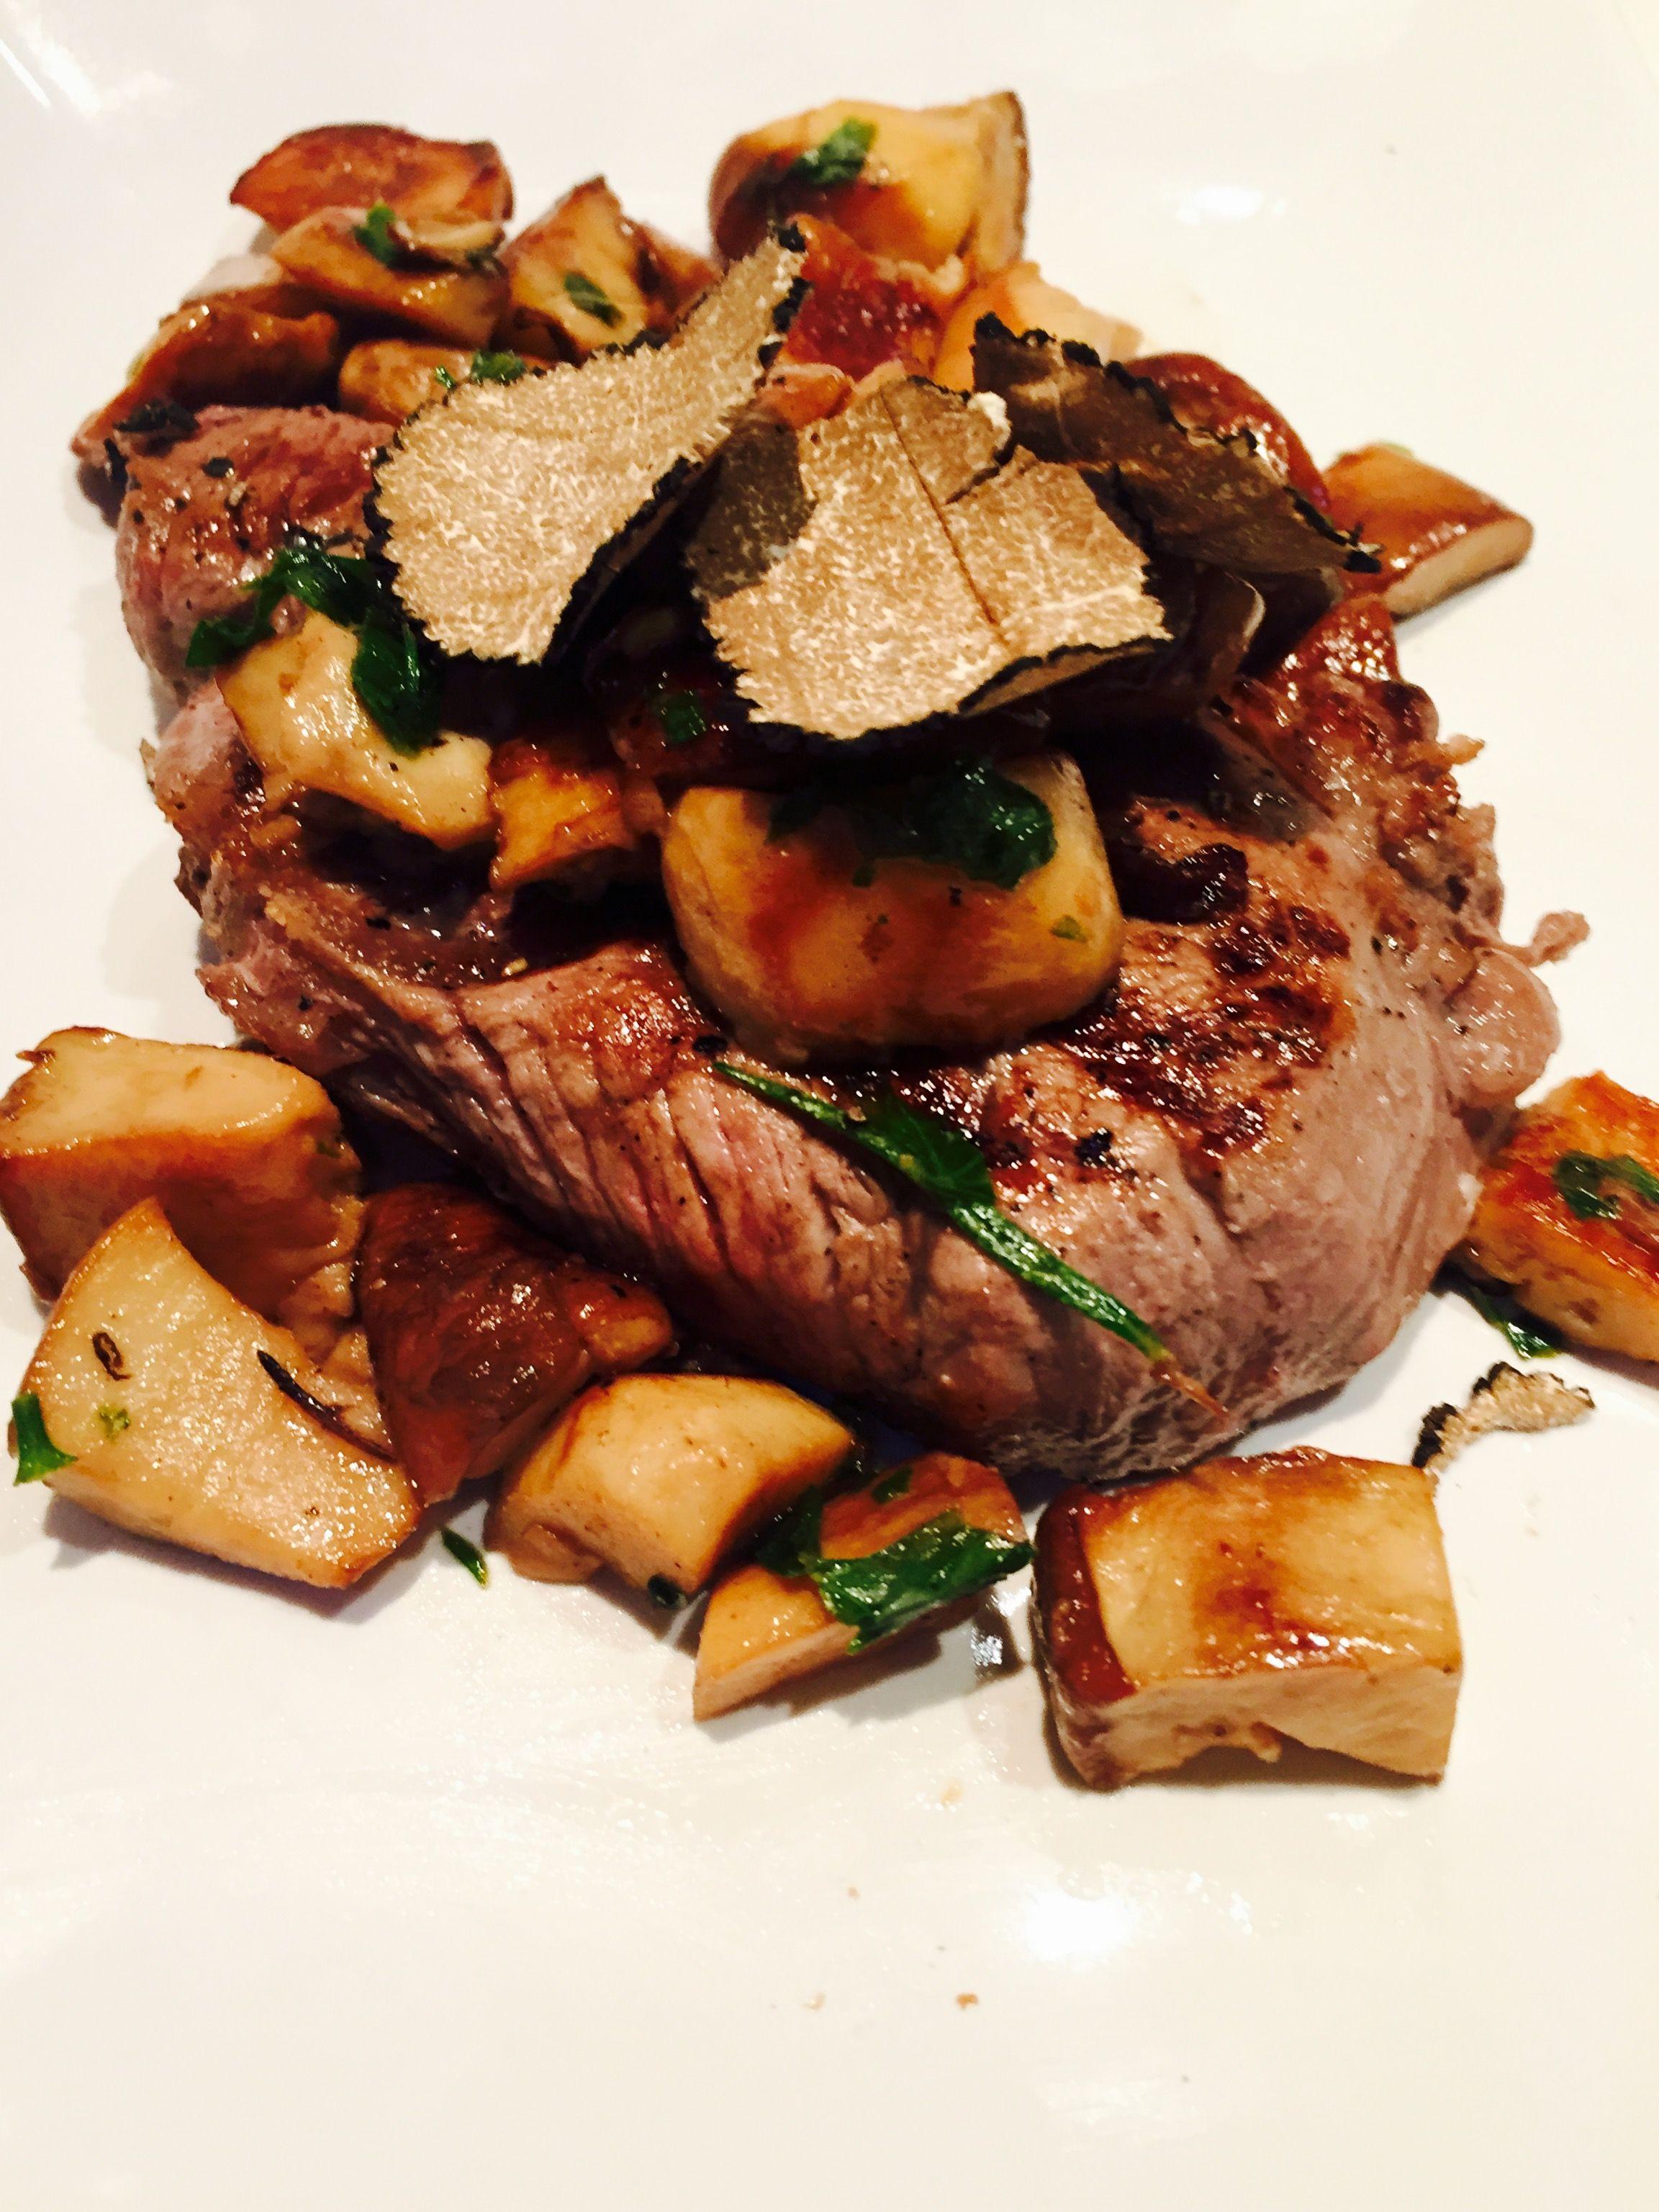 Filetto di manzo con funghi porcini e tartufo